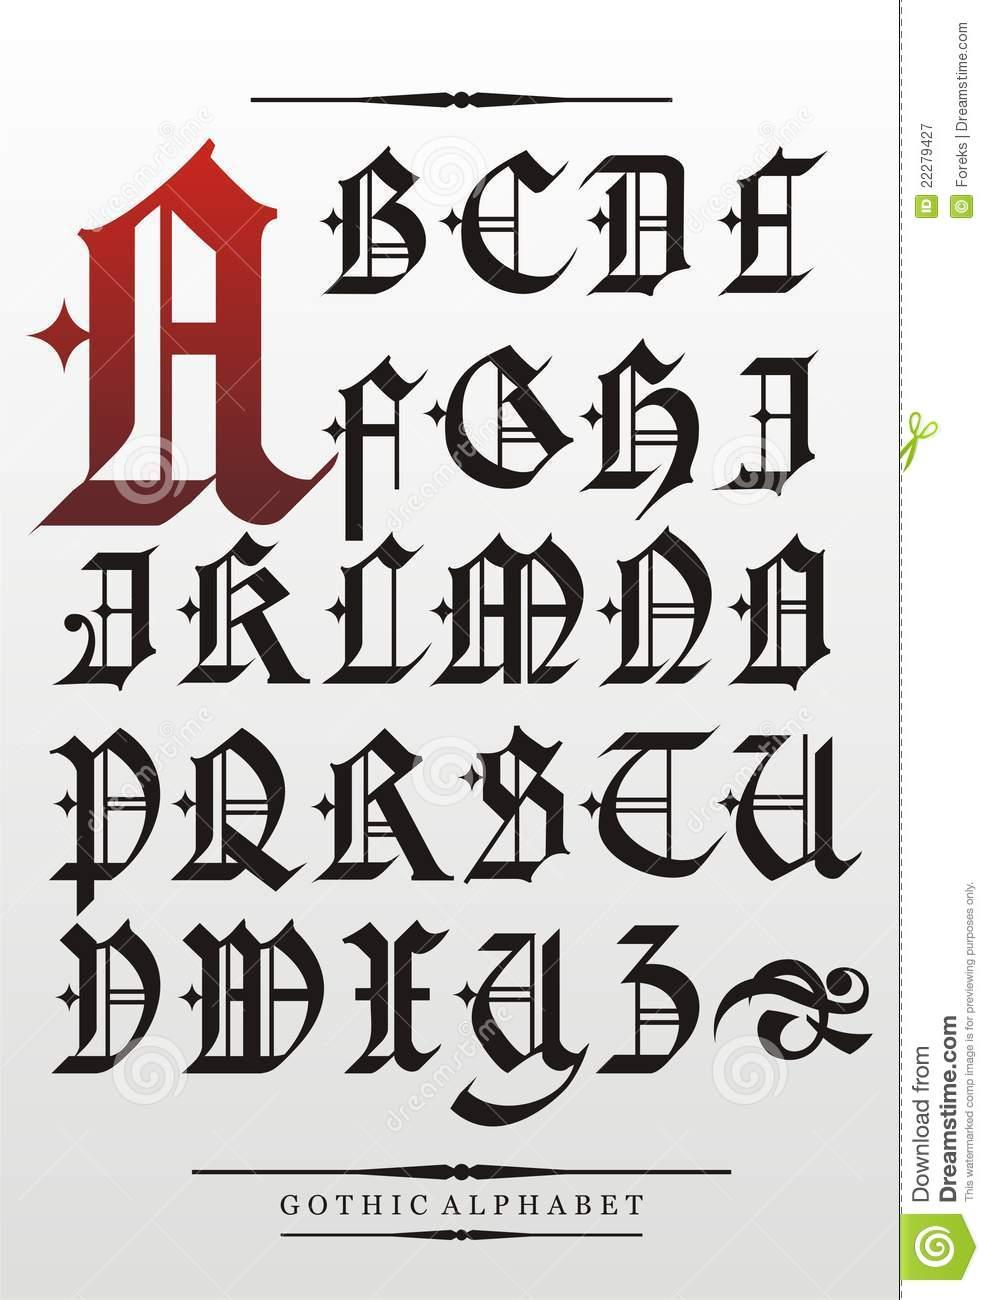 Писать готическим шрифтом онлайн 18 фотография